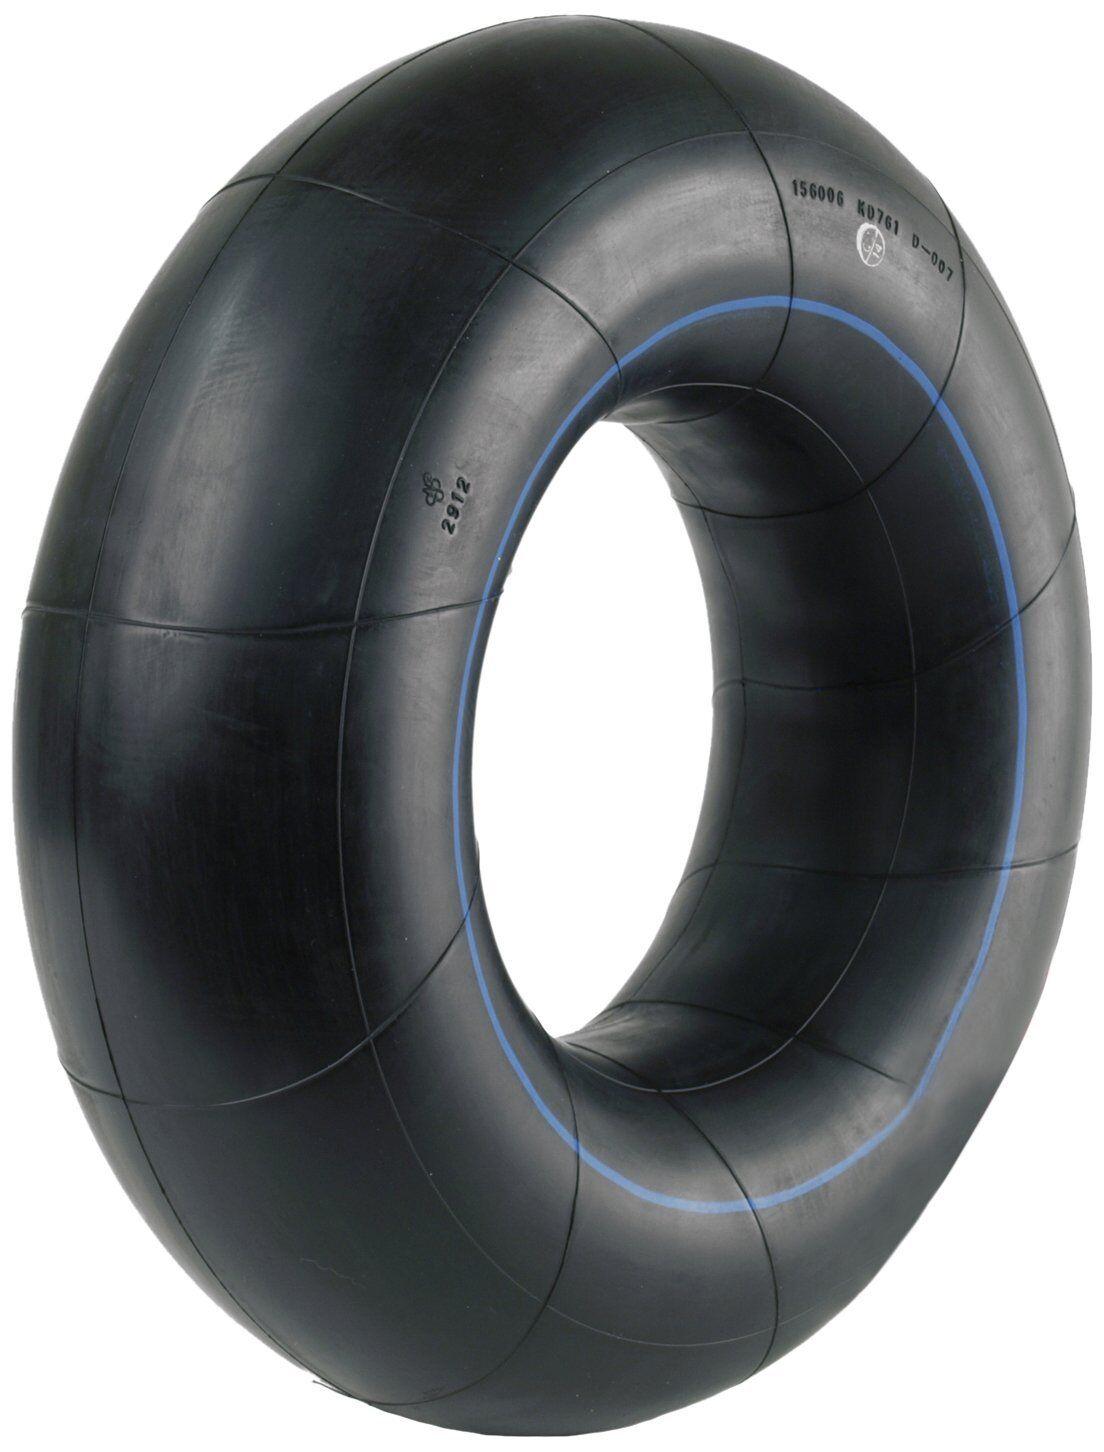 Martin Wheel T1008k Butyl Rubber Straight Inner Tube, 20x1000-8